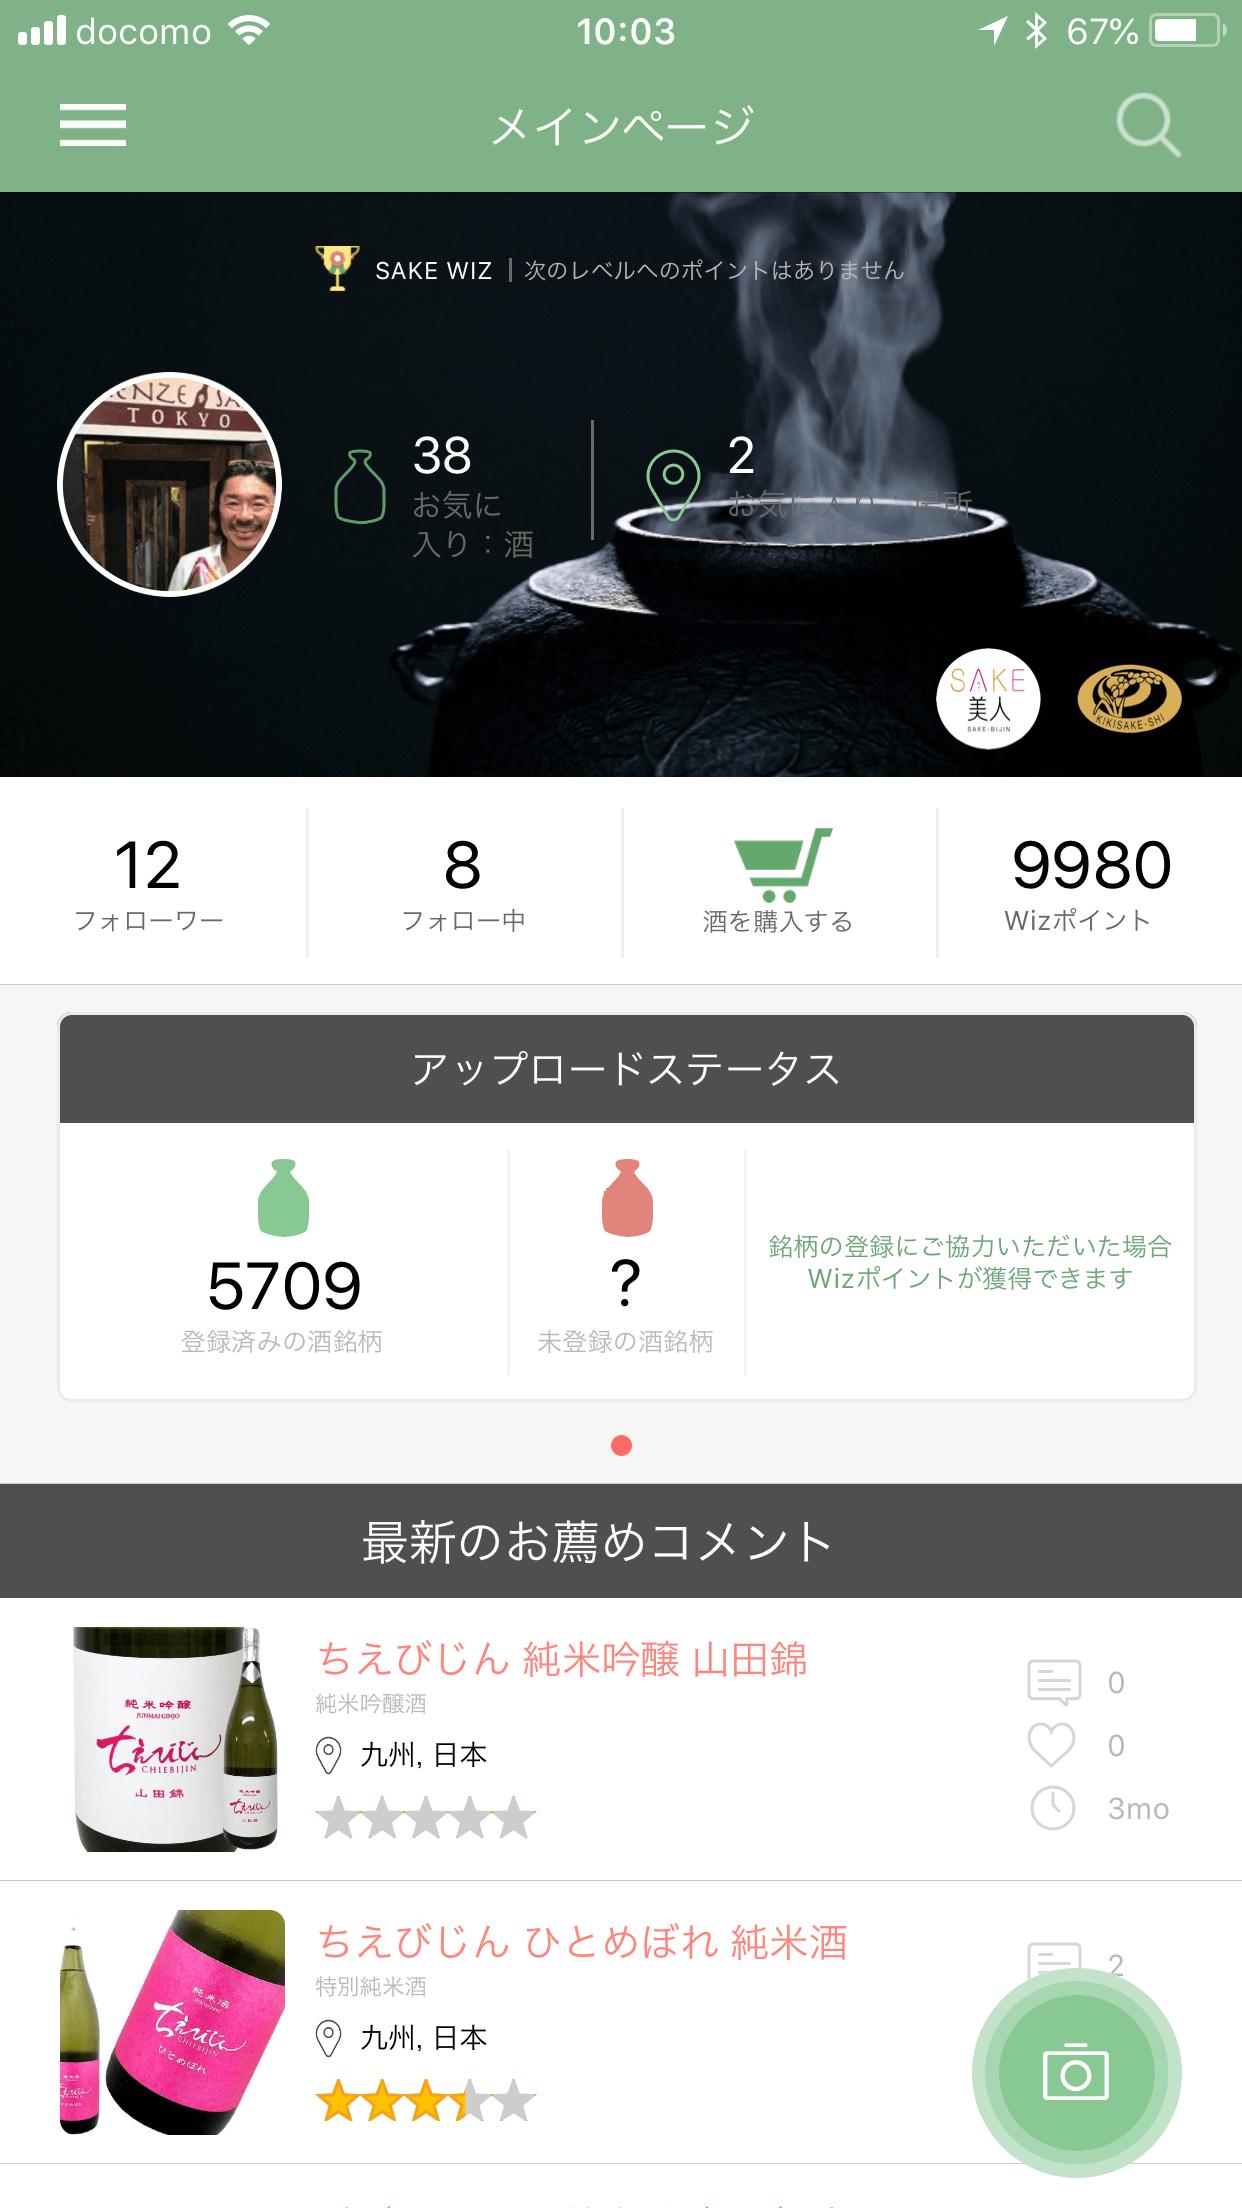 日本酒専用アプリ「SakeWiz」(サケウィズ)